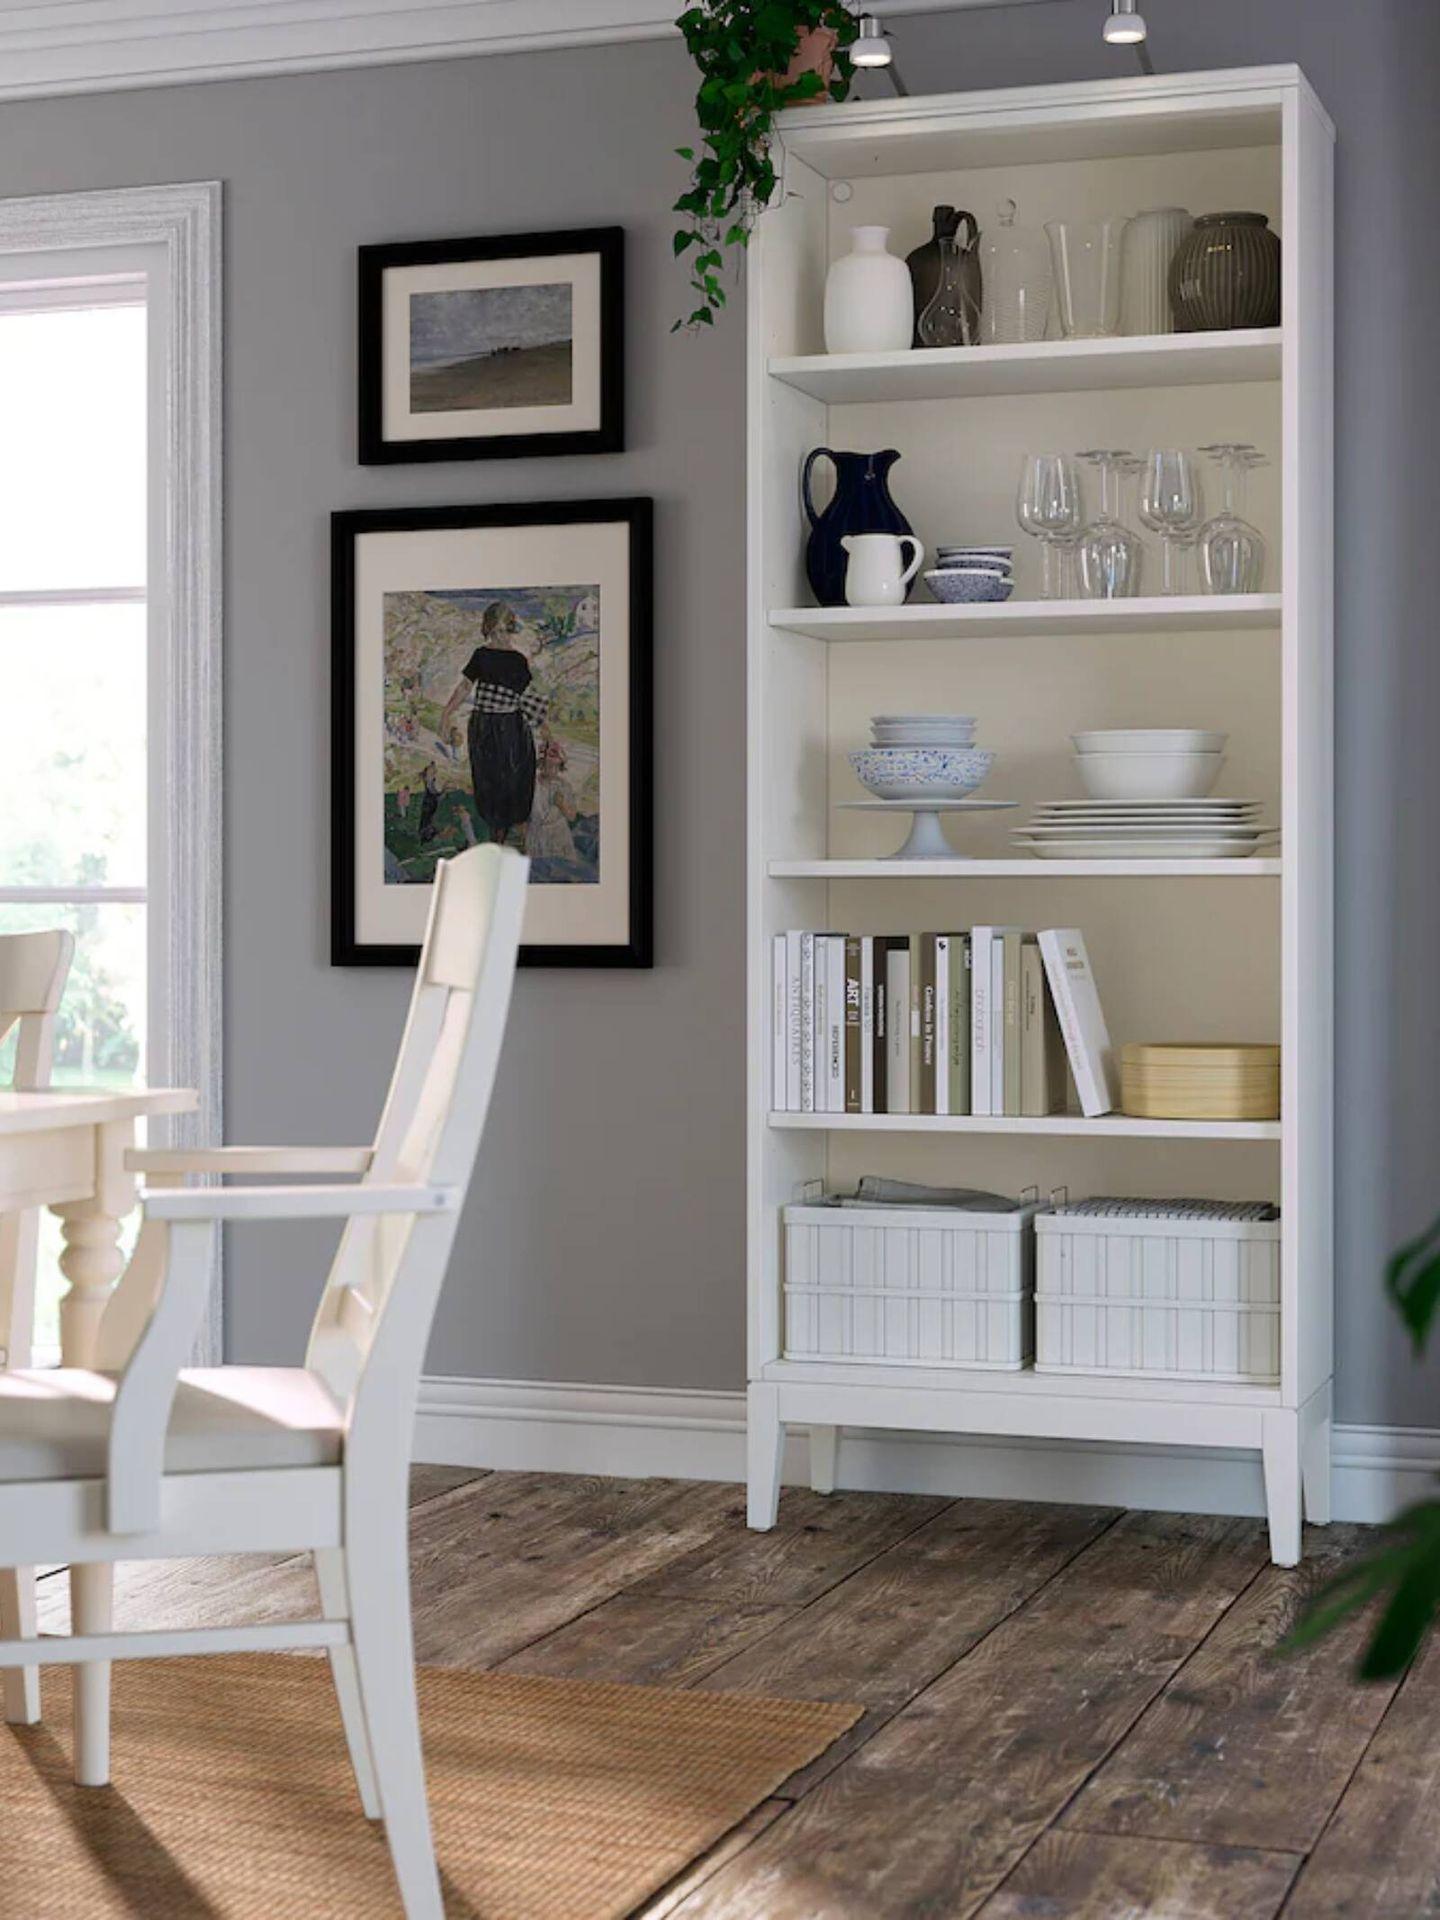 Esta estantería es el nuevo mueble de Ikea ideal para salones pequeños. (Cortesía)